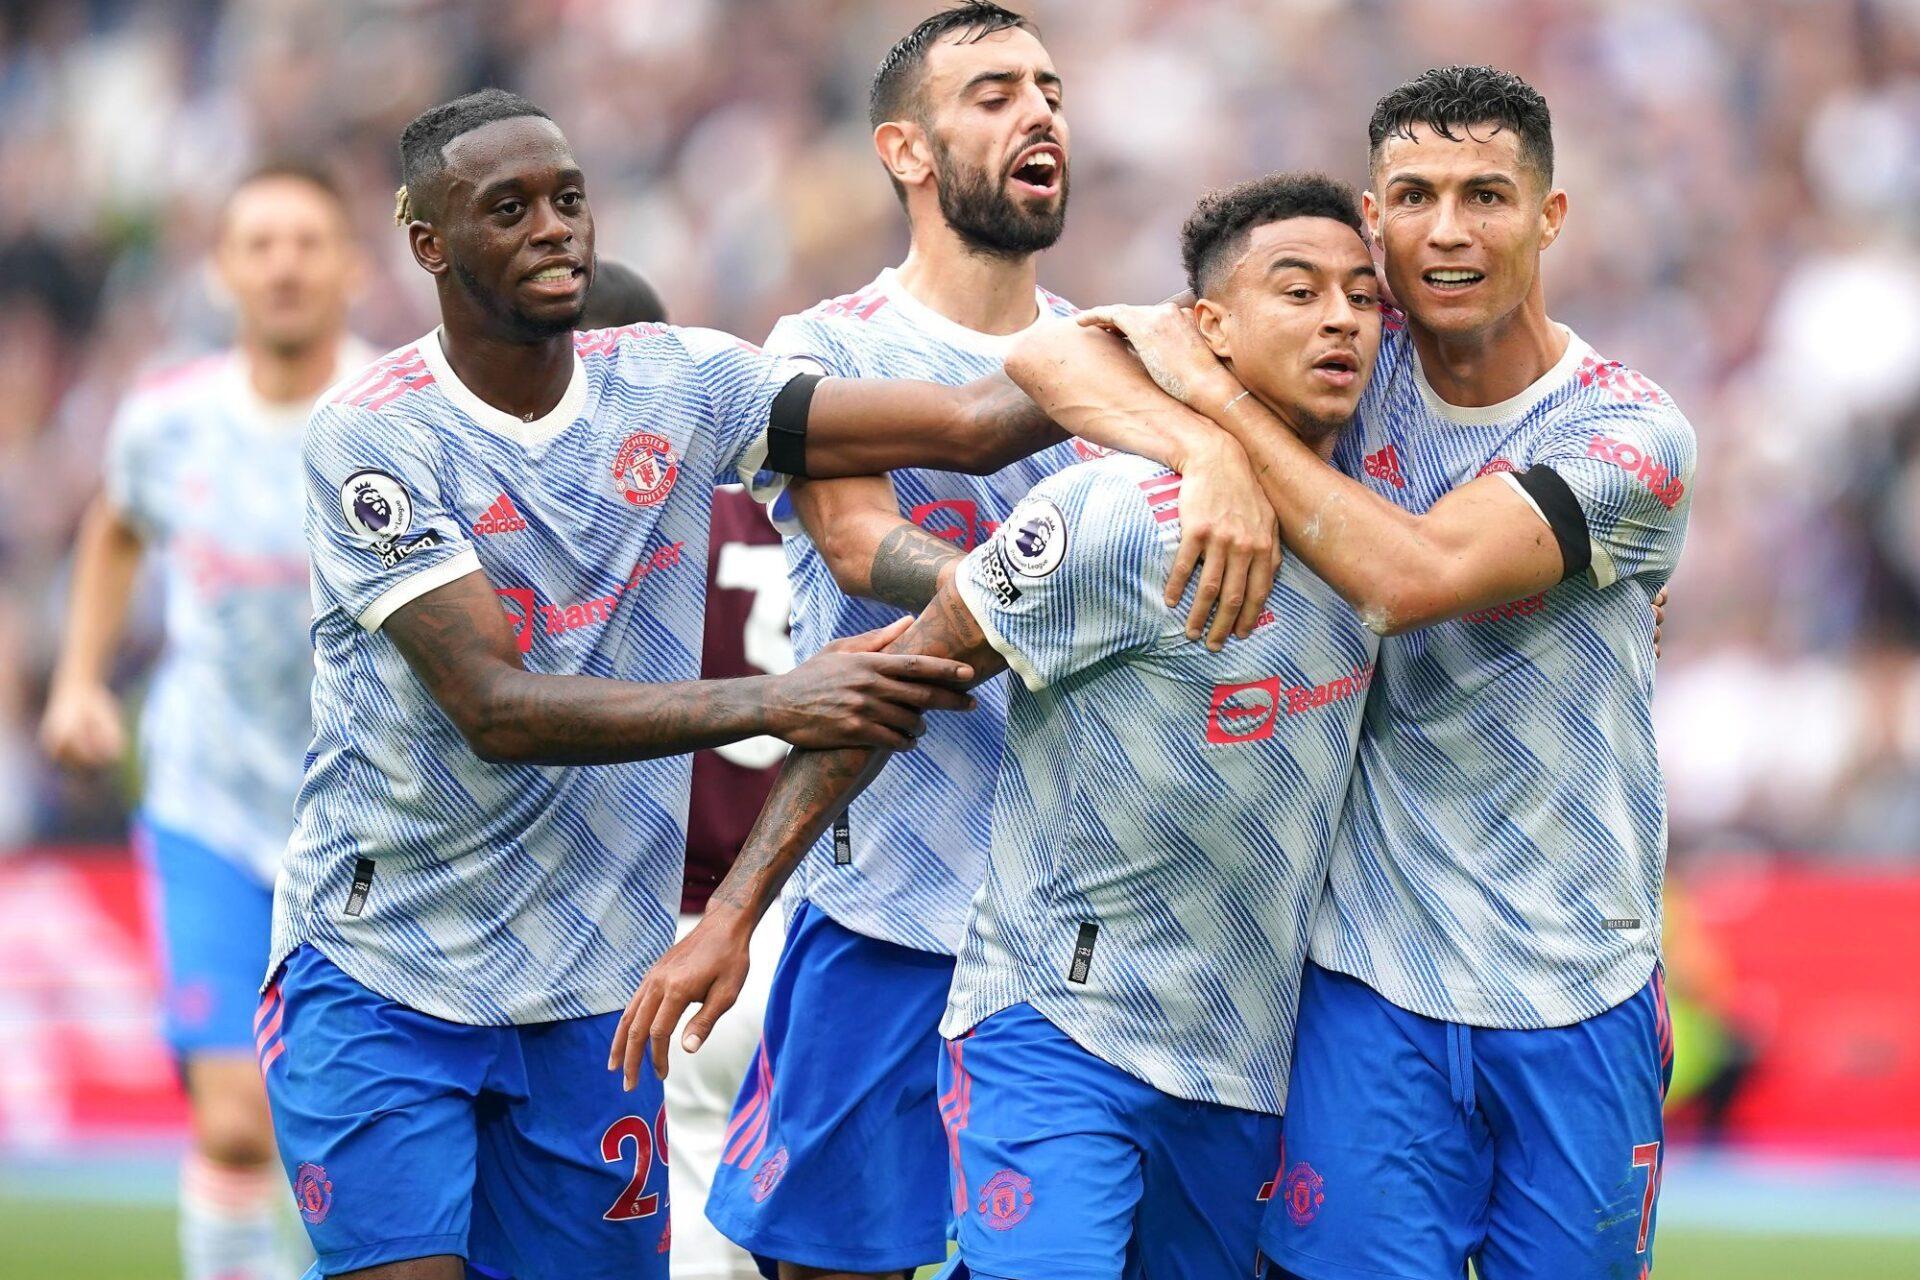 Jesse Lingard a inscrit le but vainqueur pour Manchester United à la 89e minute. Icon Sport